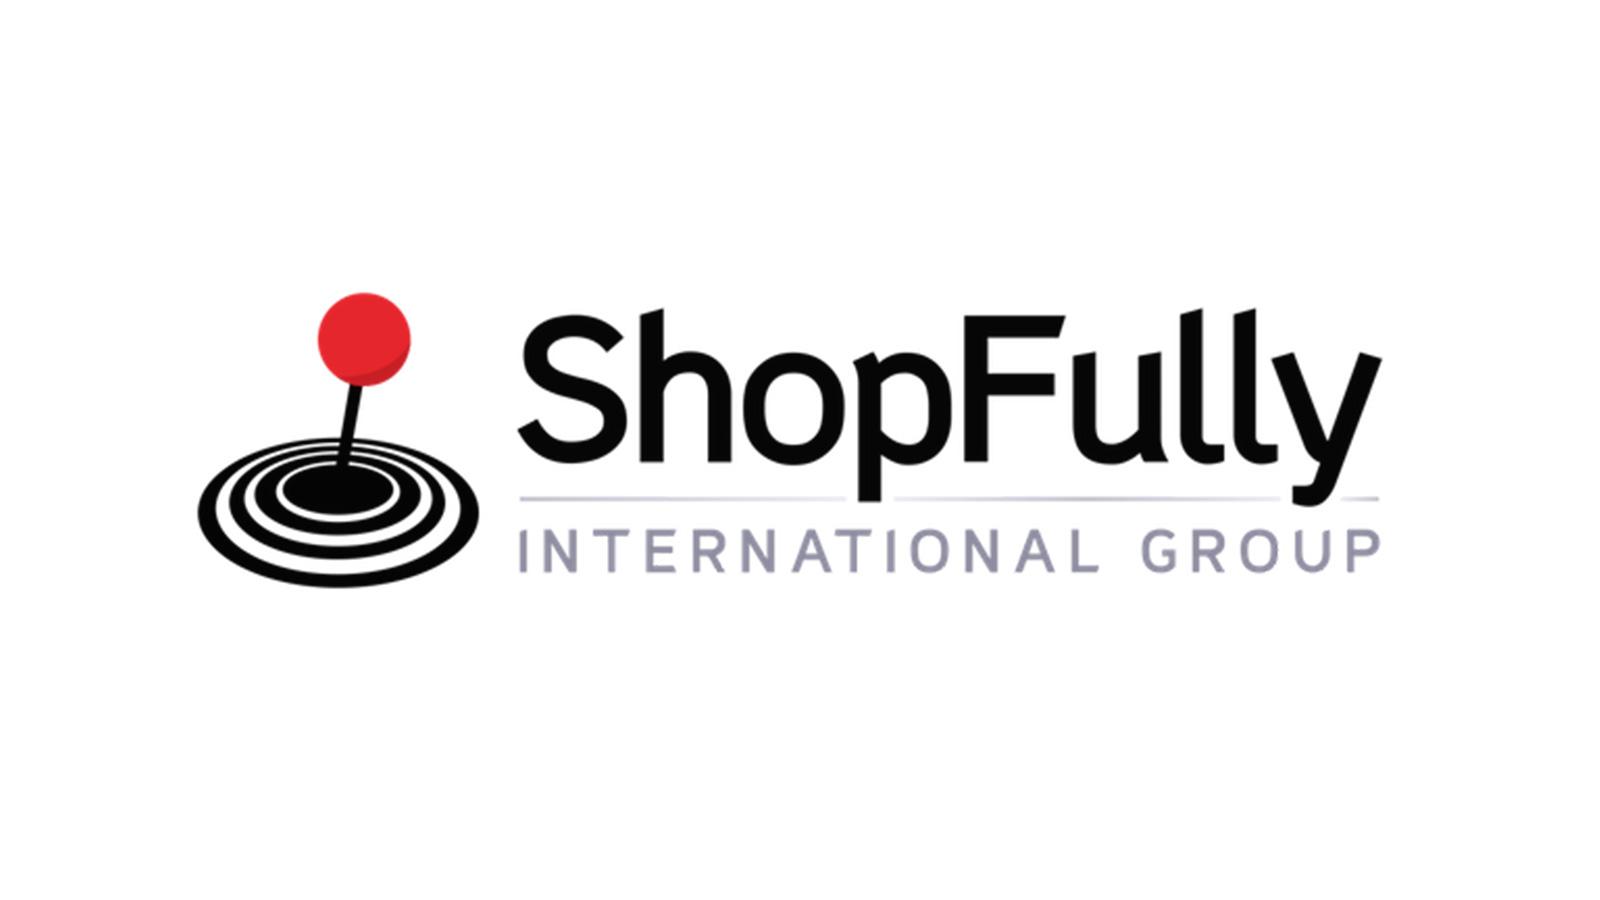 shopfully.jpg